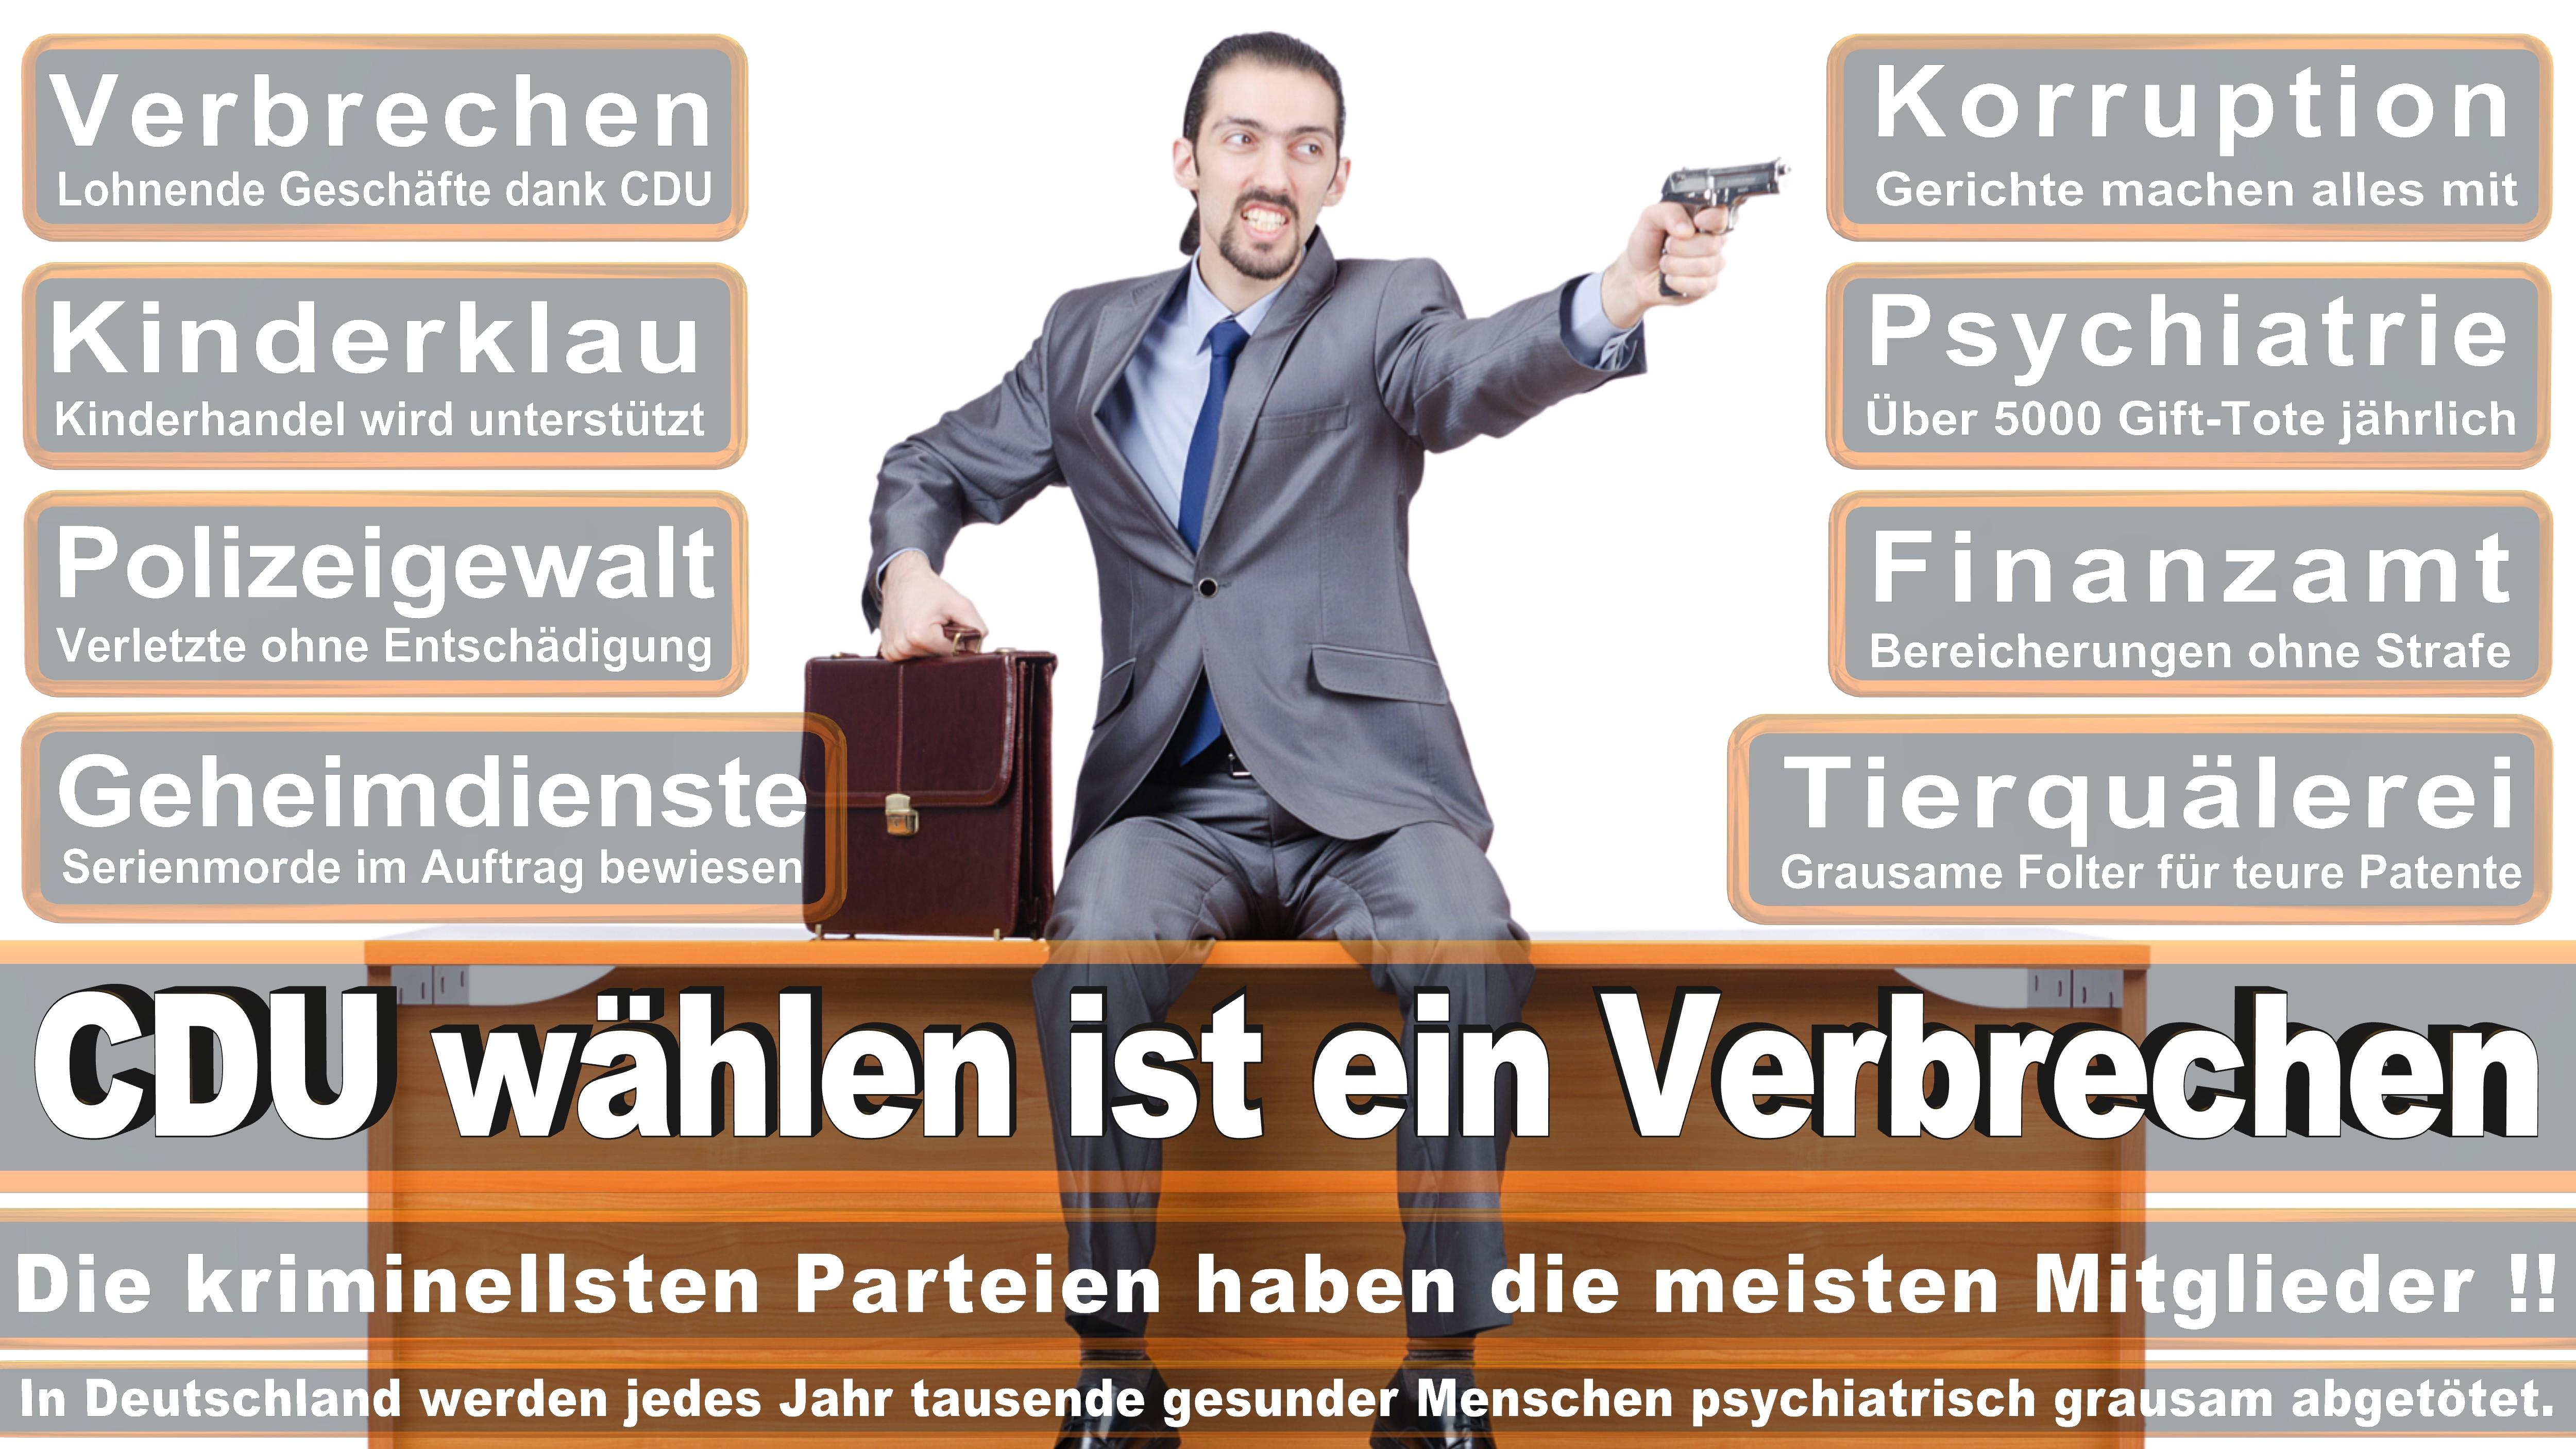 Jutta Krellmann DIE LINKE Niedersachsen Politiker Deutschland